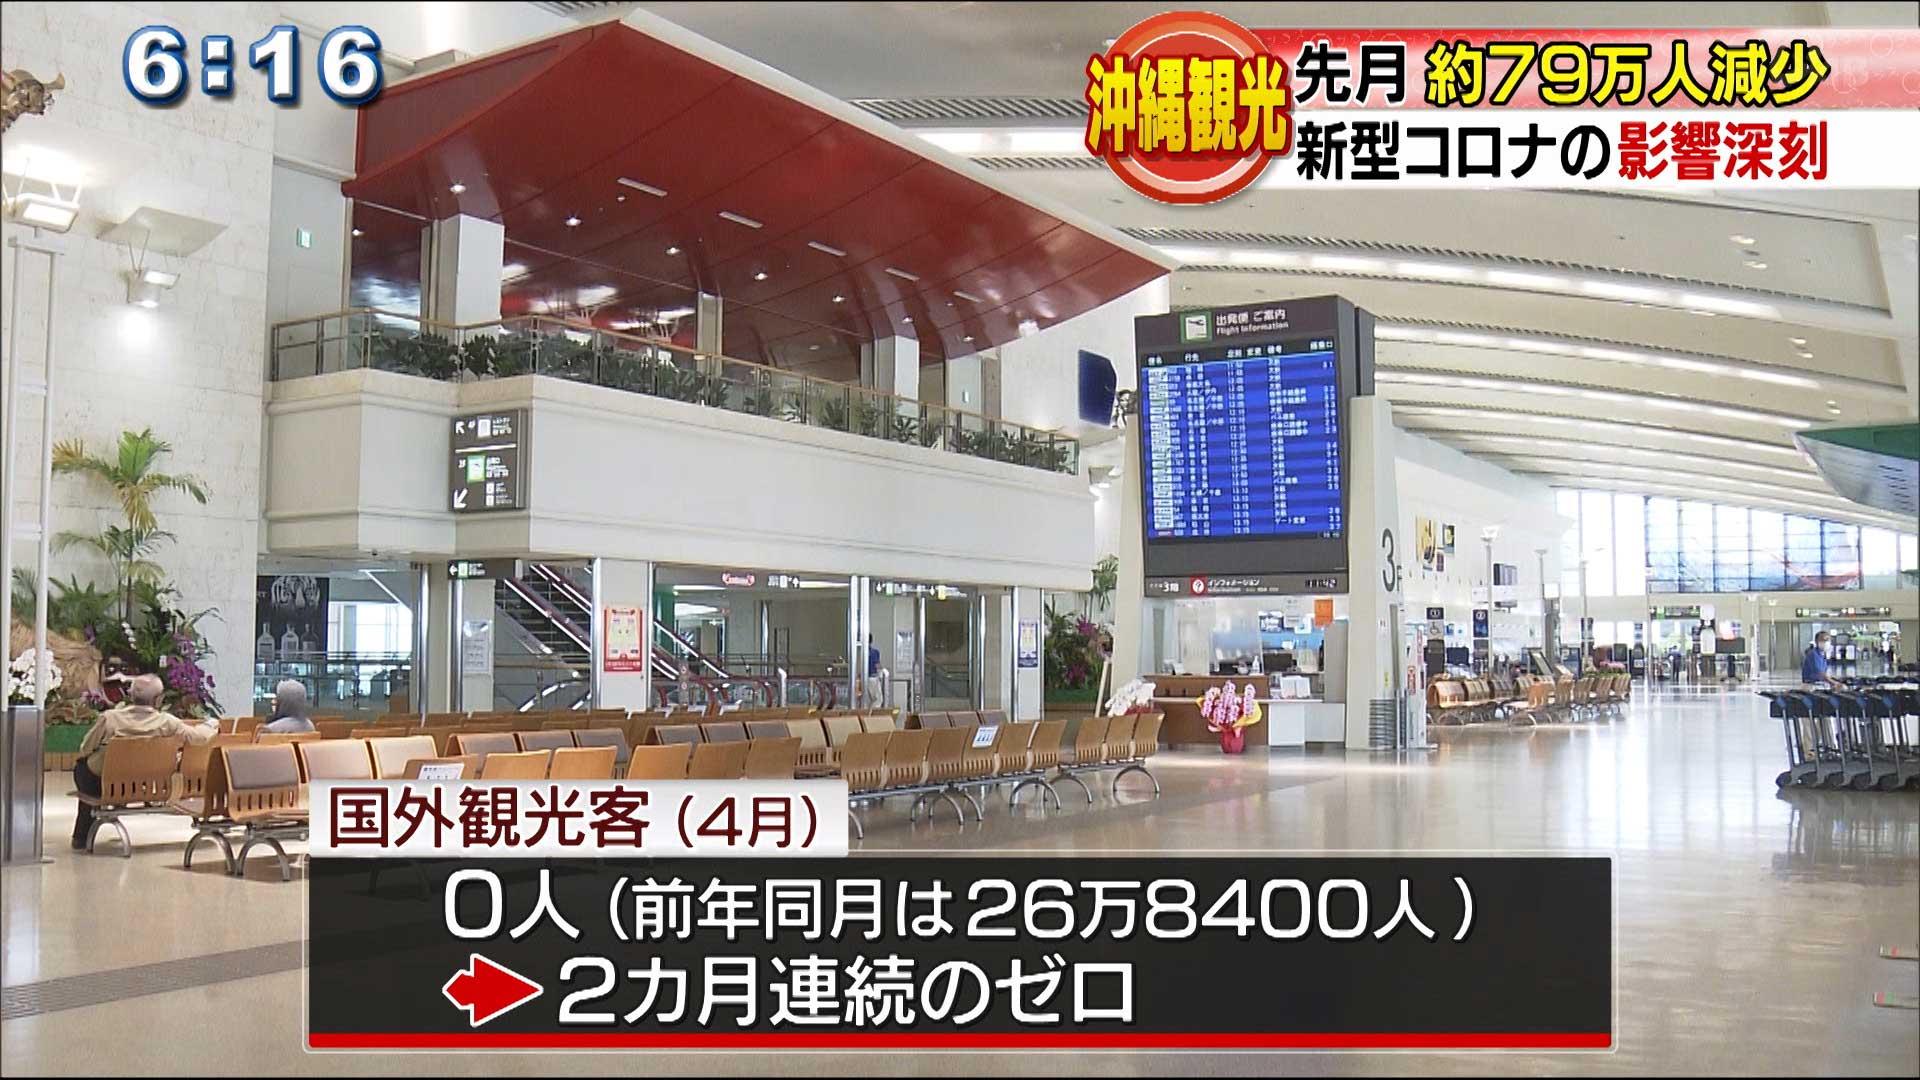 5月の沖縄観光 コロナで去年と比べ約79万人減少